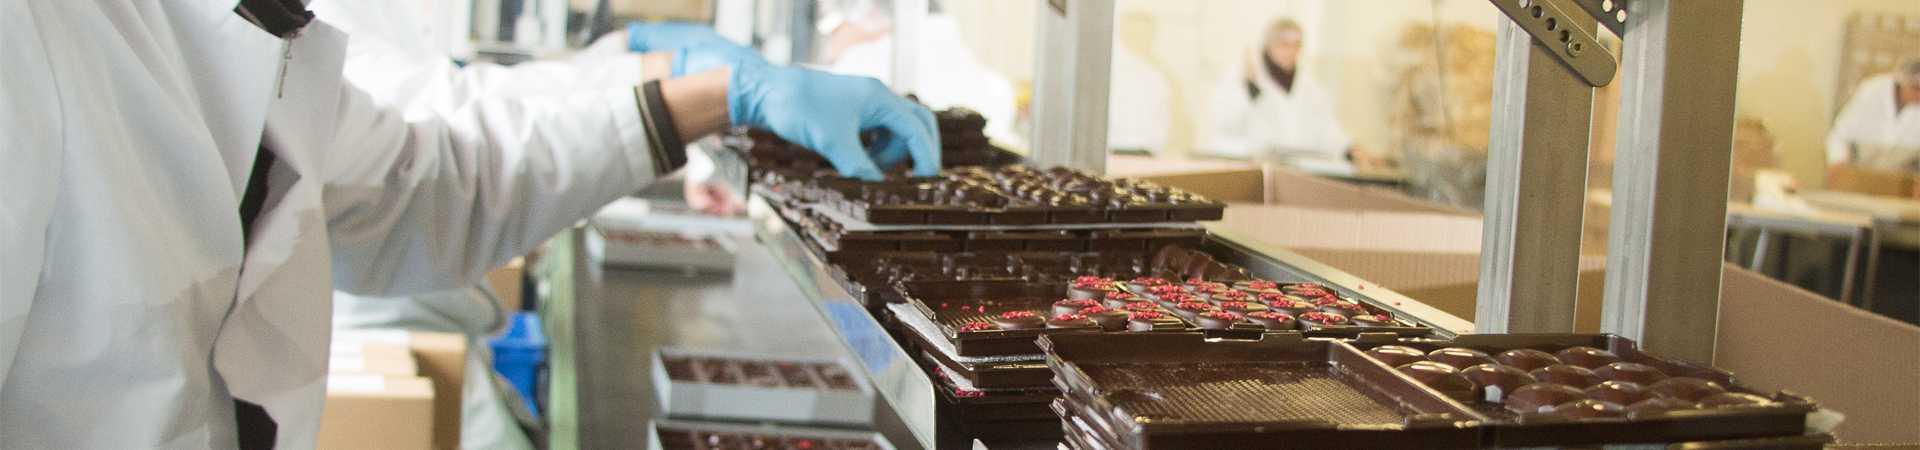 verpakken voeding bij maatwerkbedrijf AMAB